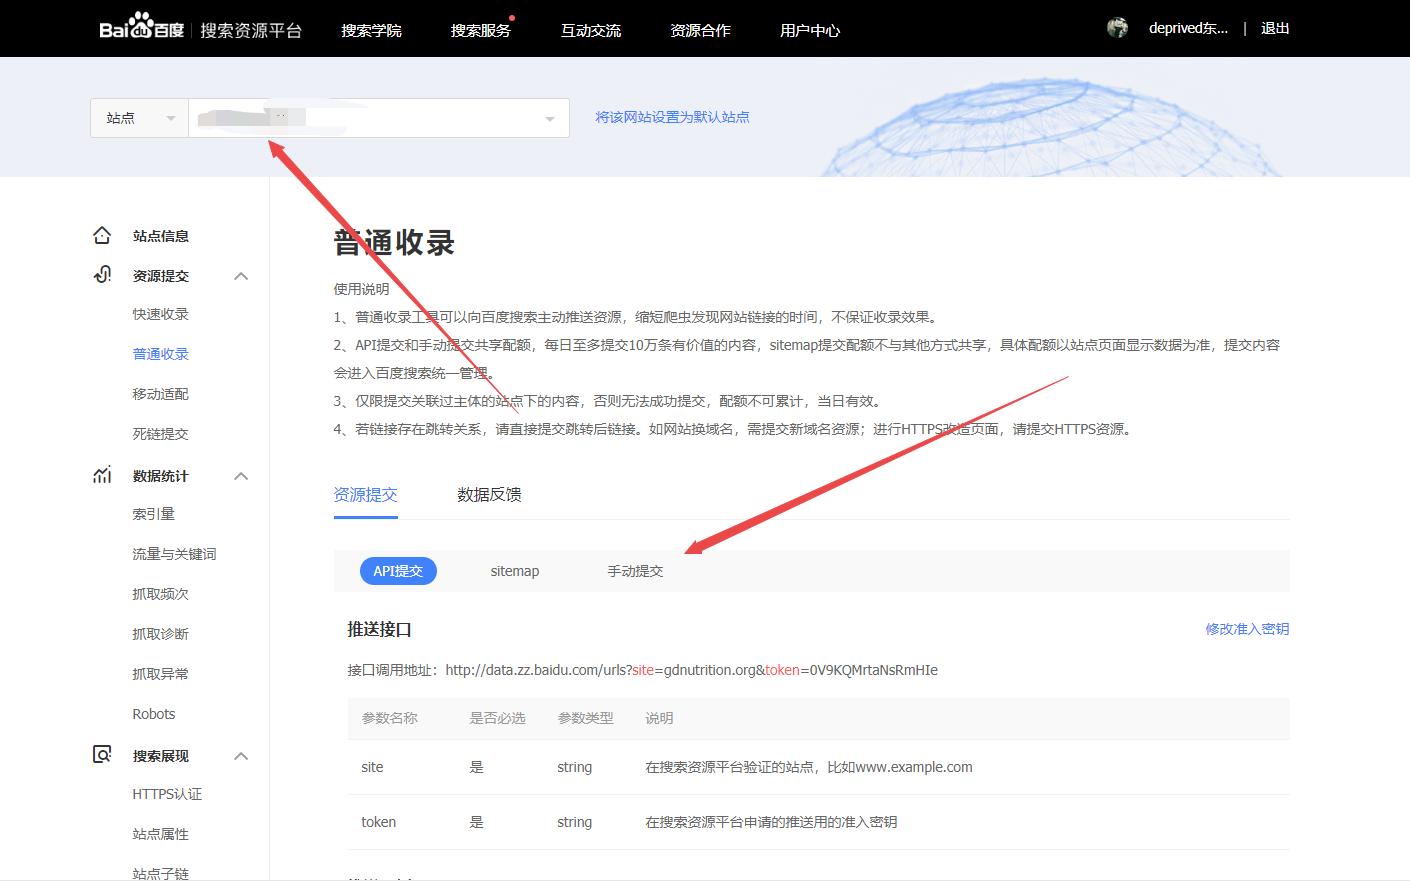 媒介匣:新的企业网站如何做好基础优化?